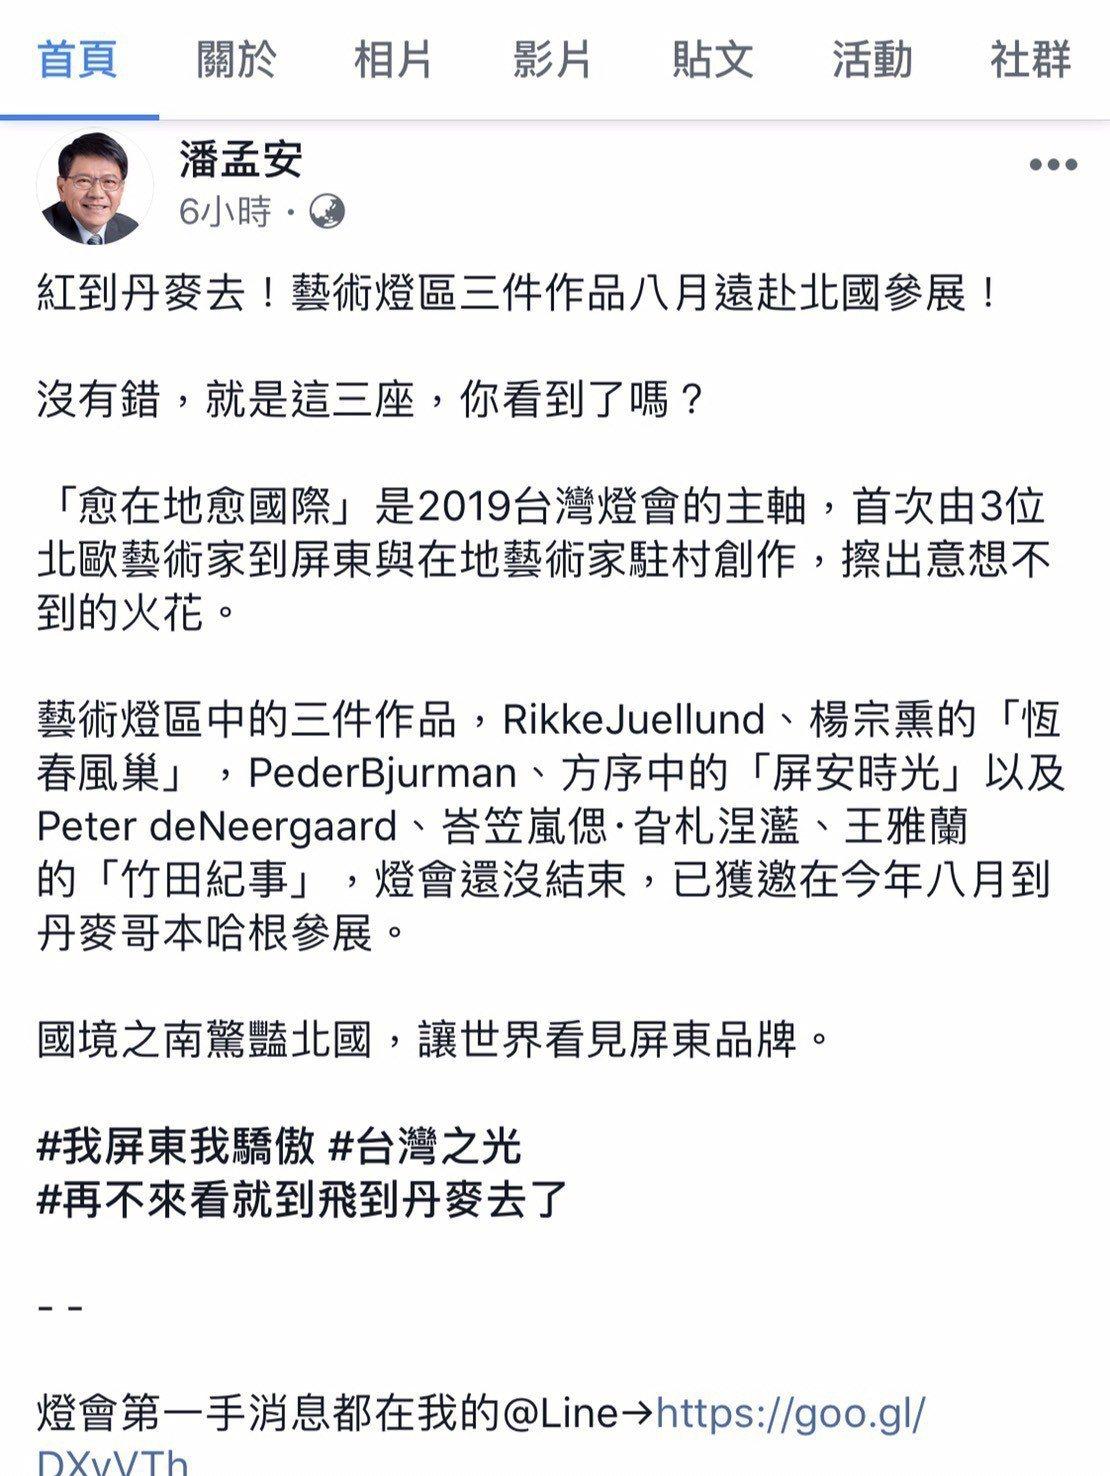 屏東縣長潘孟安也在臉書標記「我屏東我驕傲」。記者翁禎霞/翻攝